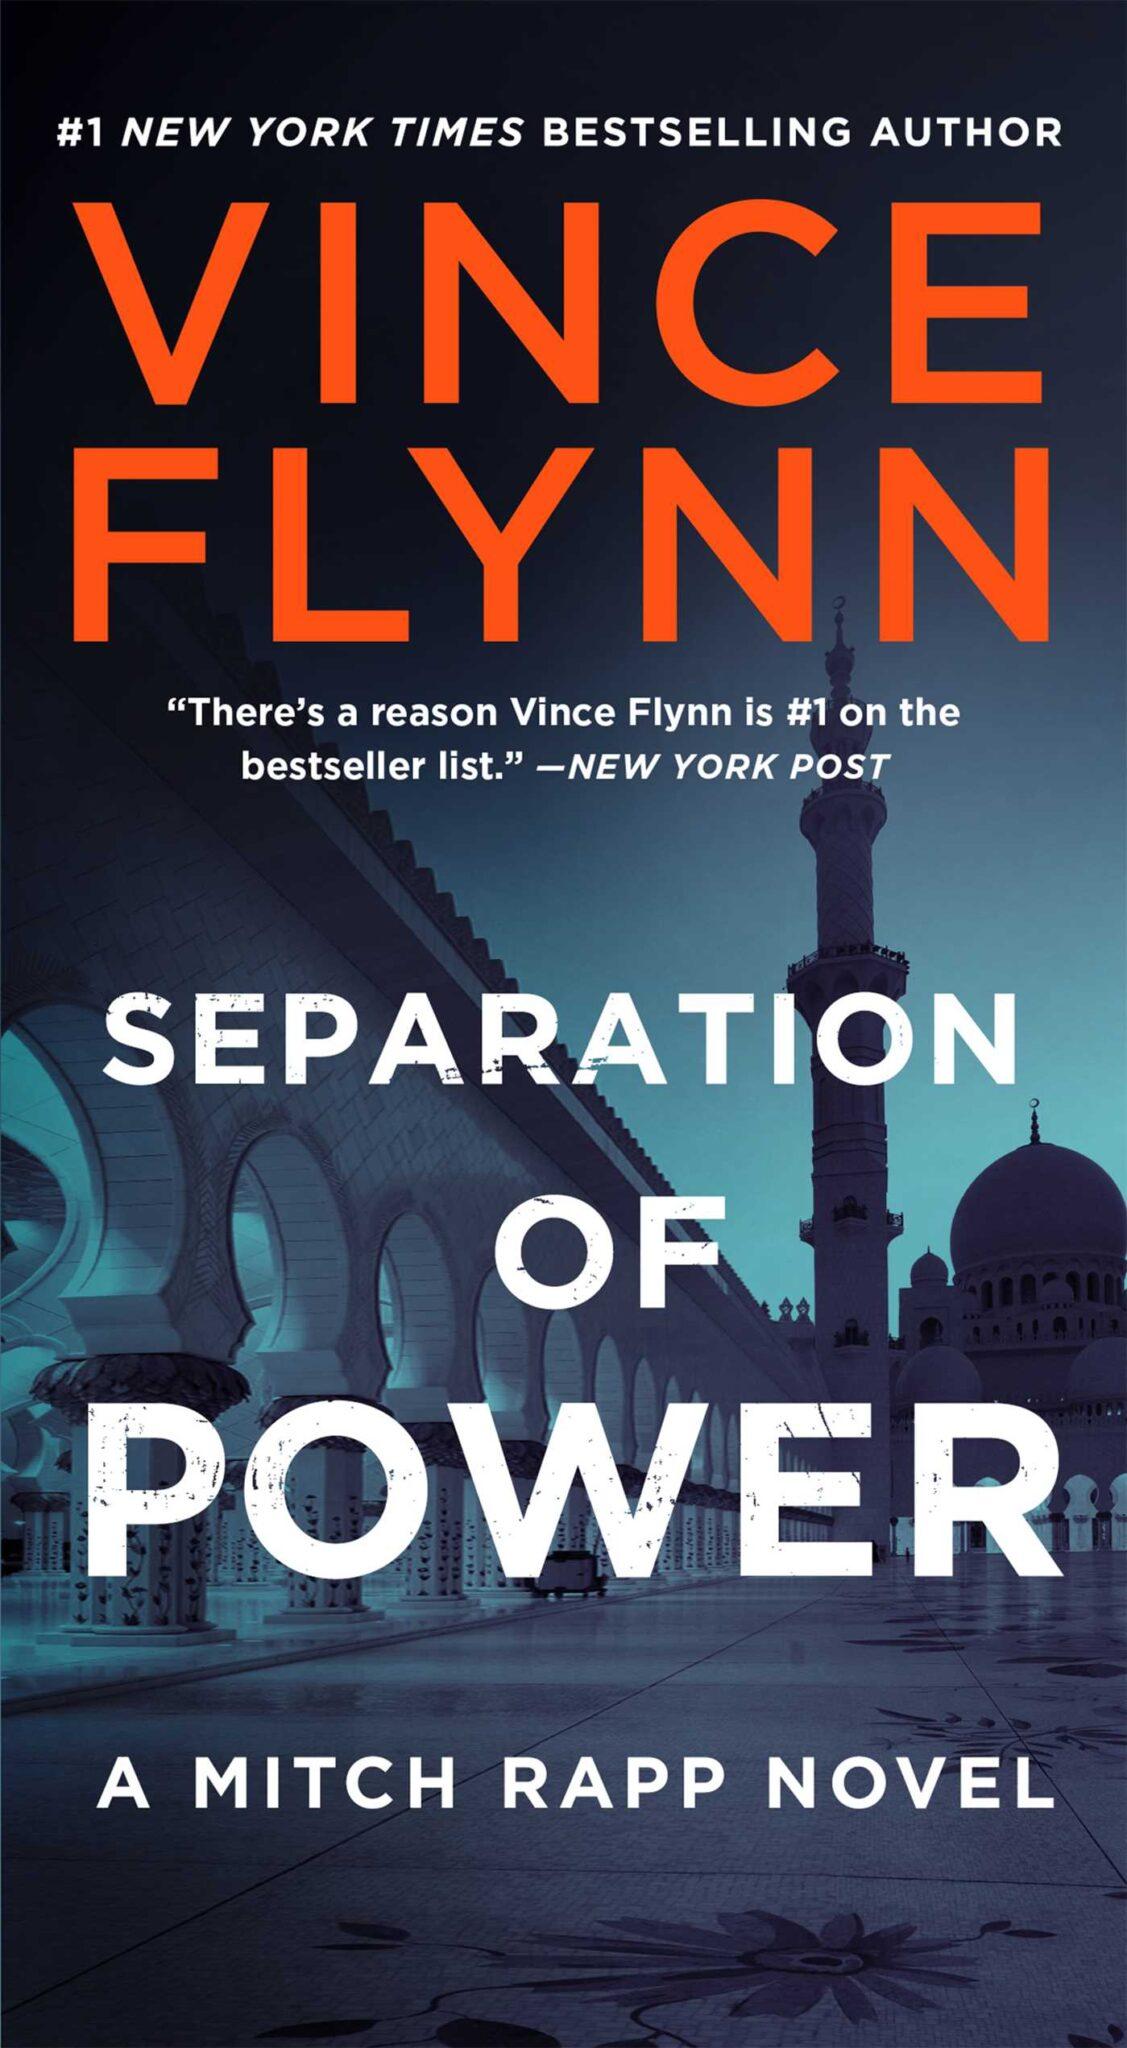 vince flynn books 4